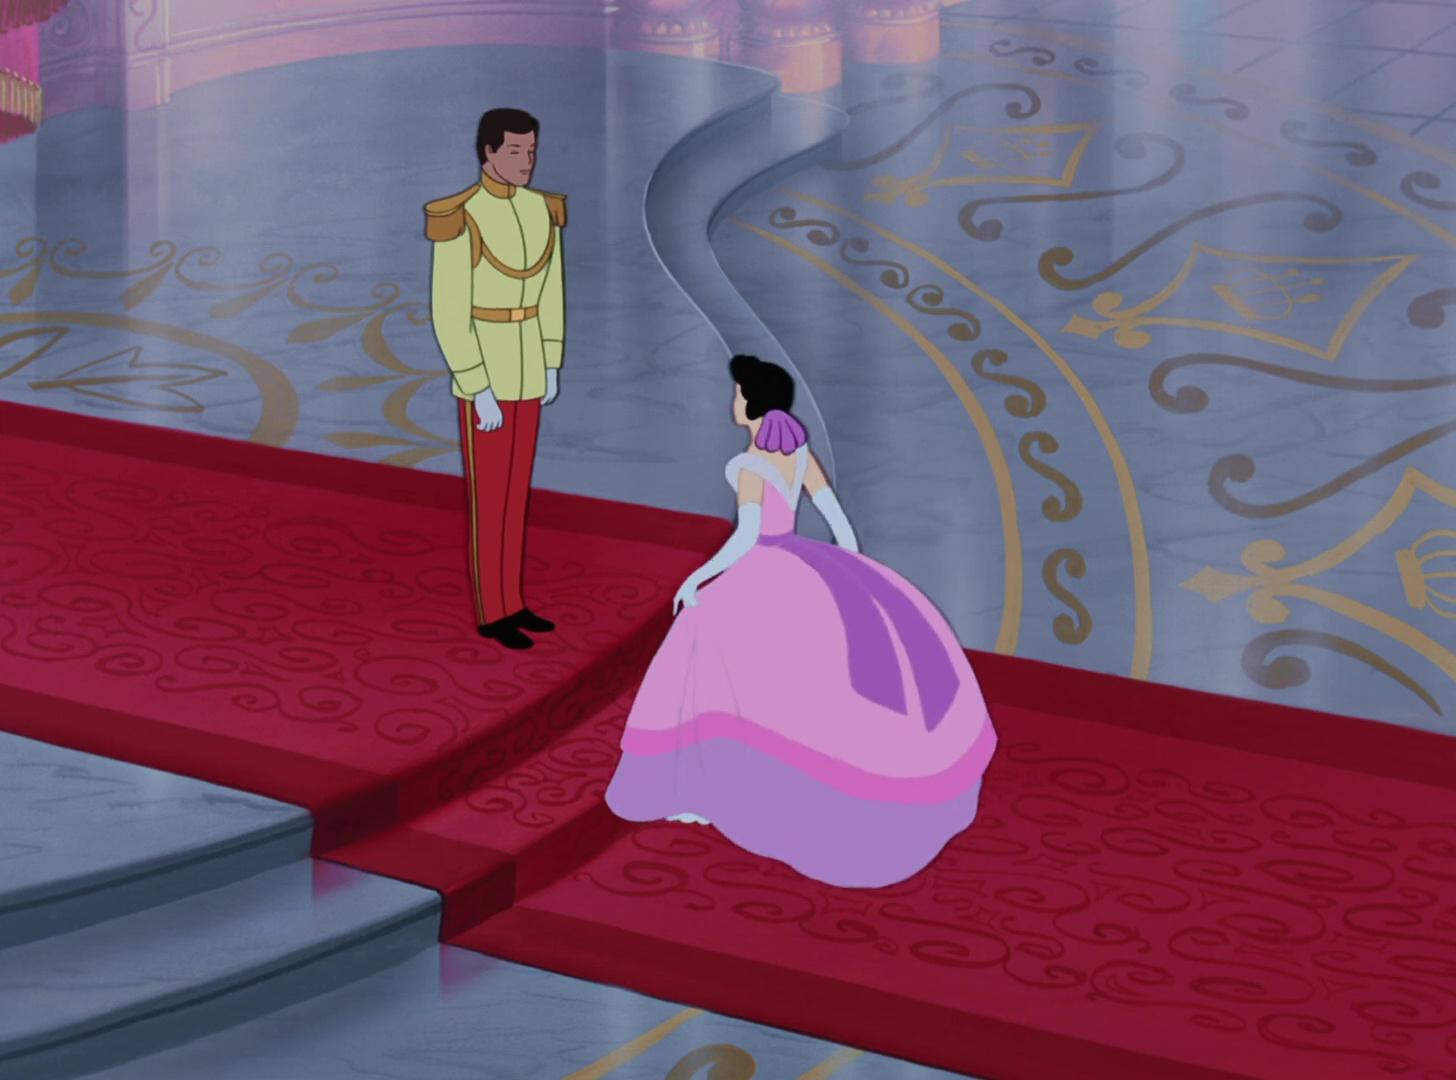 Le prince charmant personnage dans cendrillon disney - Prince et princesse disney ...